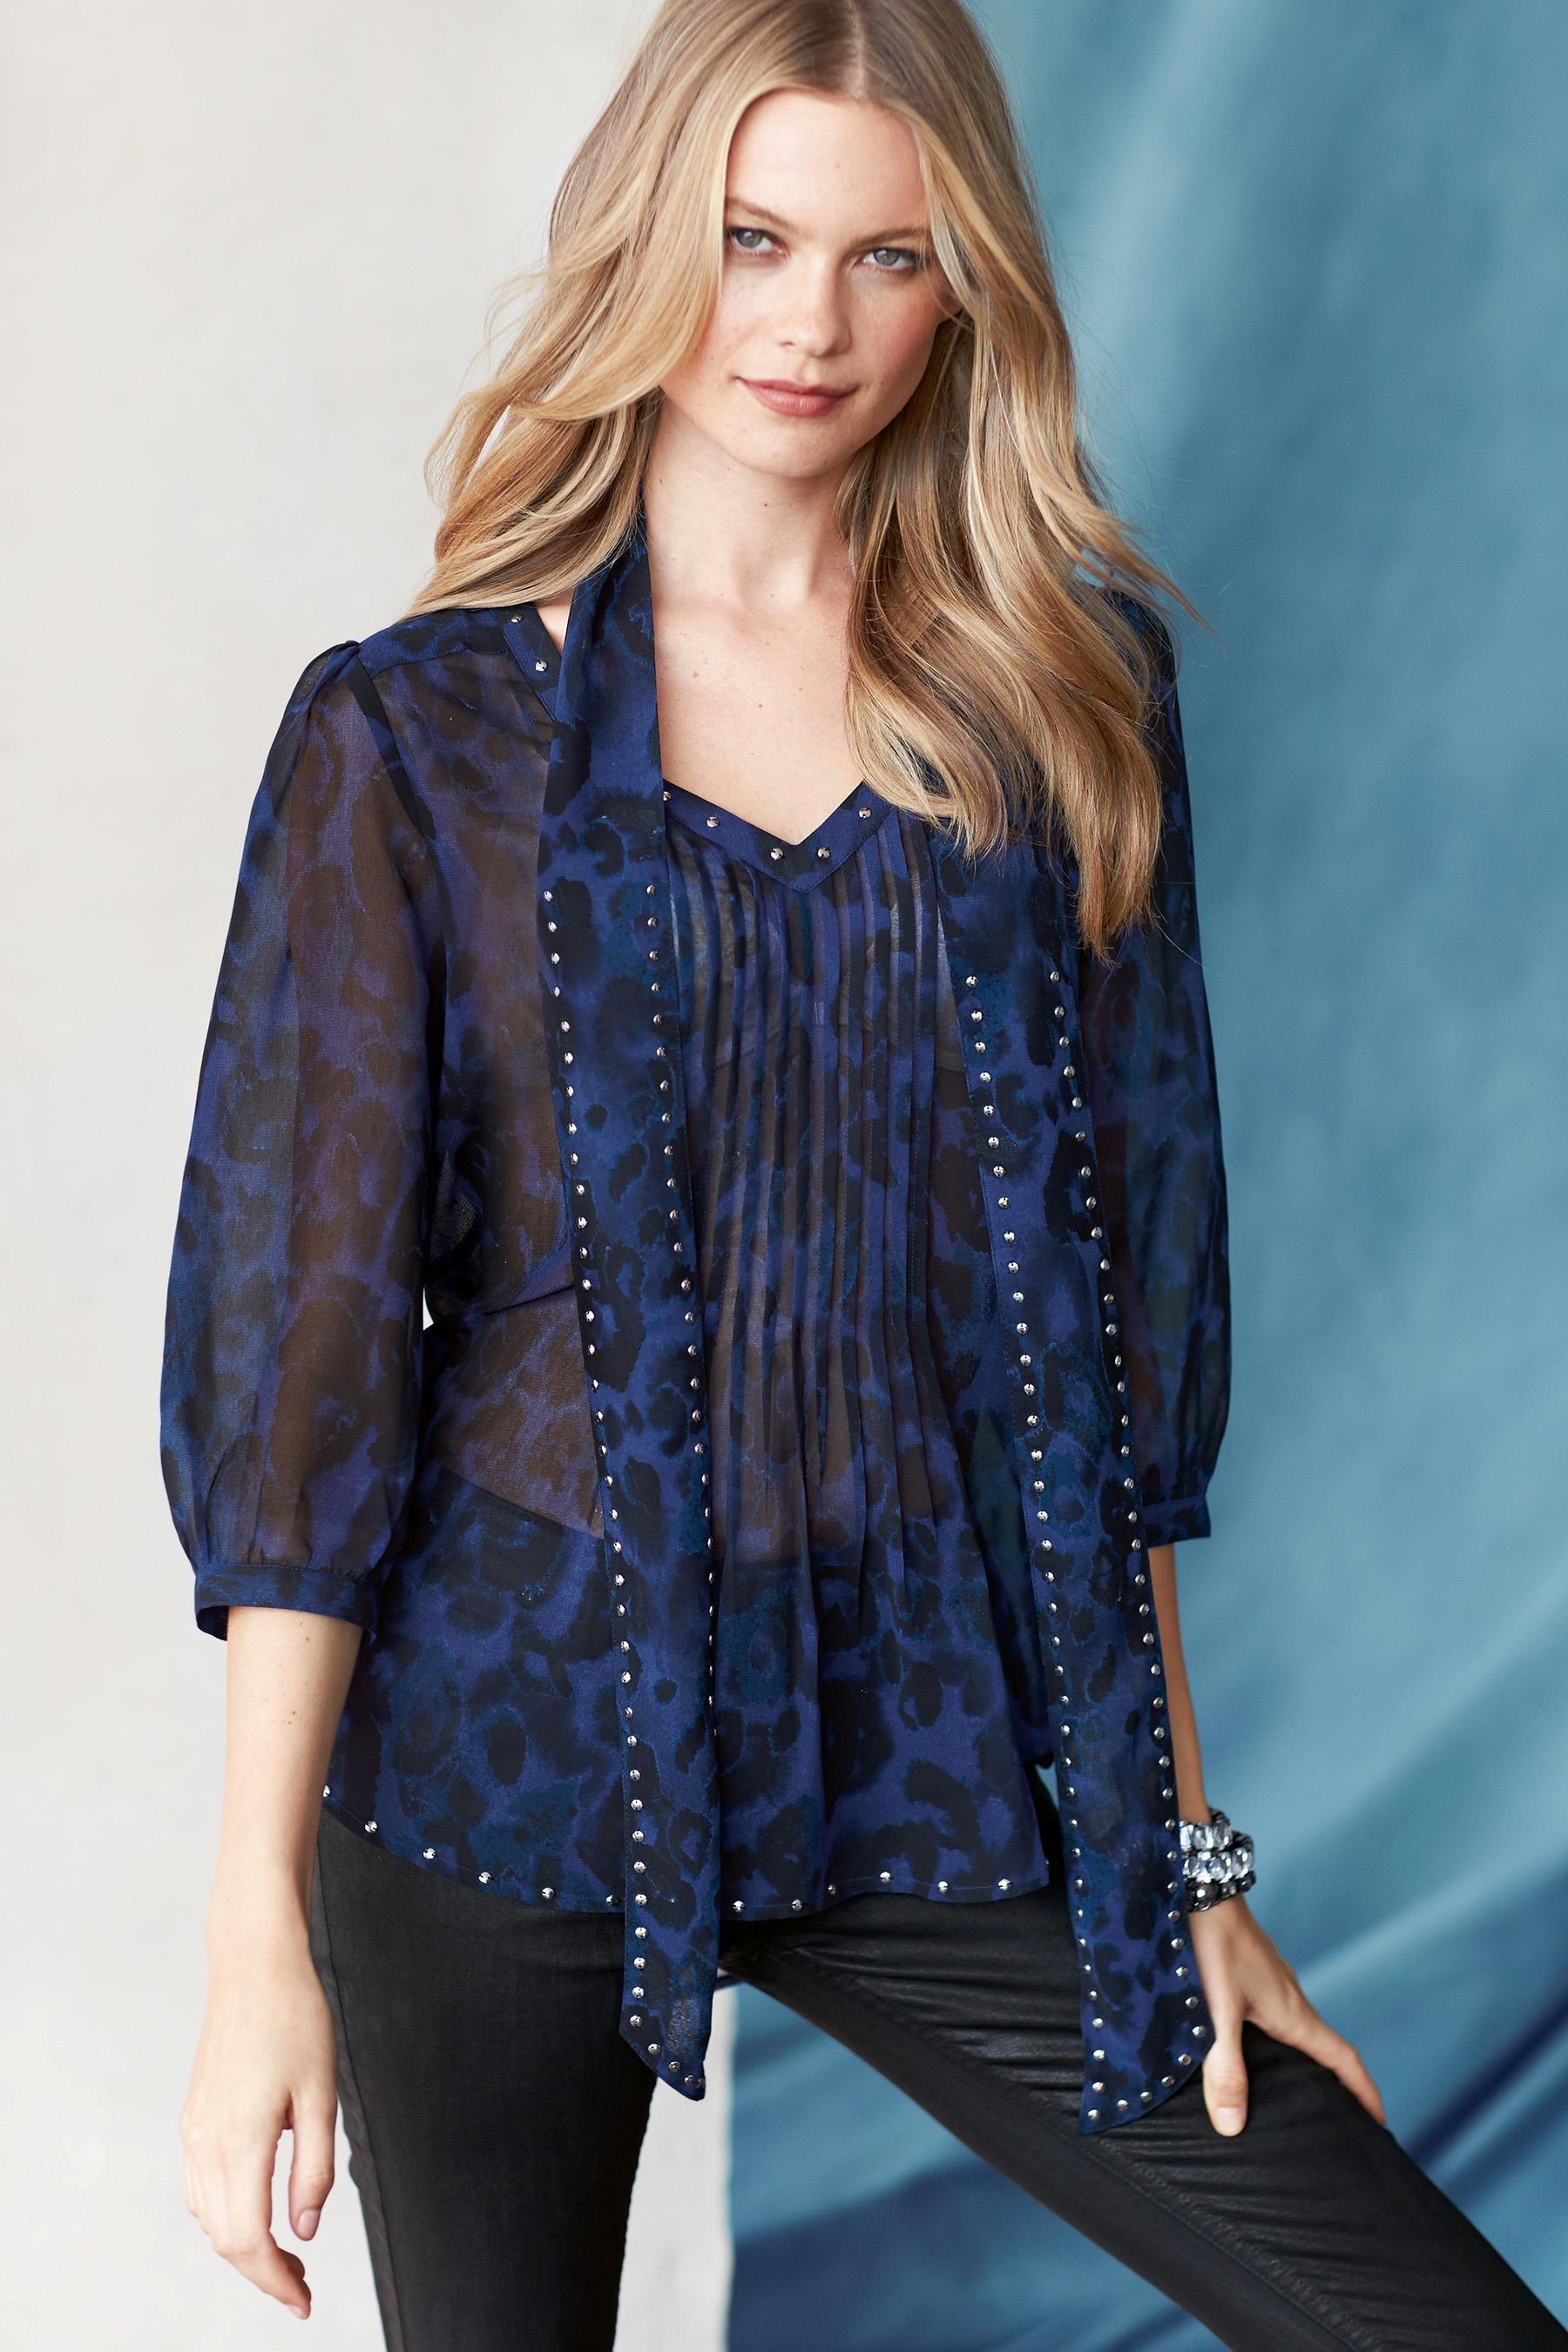 Описание: Рубашка Forever21 черная в горошек 249 грн... Добавил(а): Веста